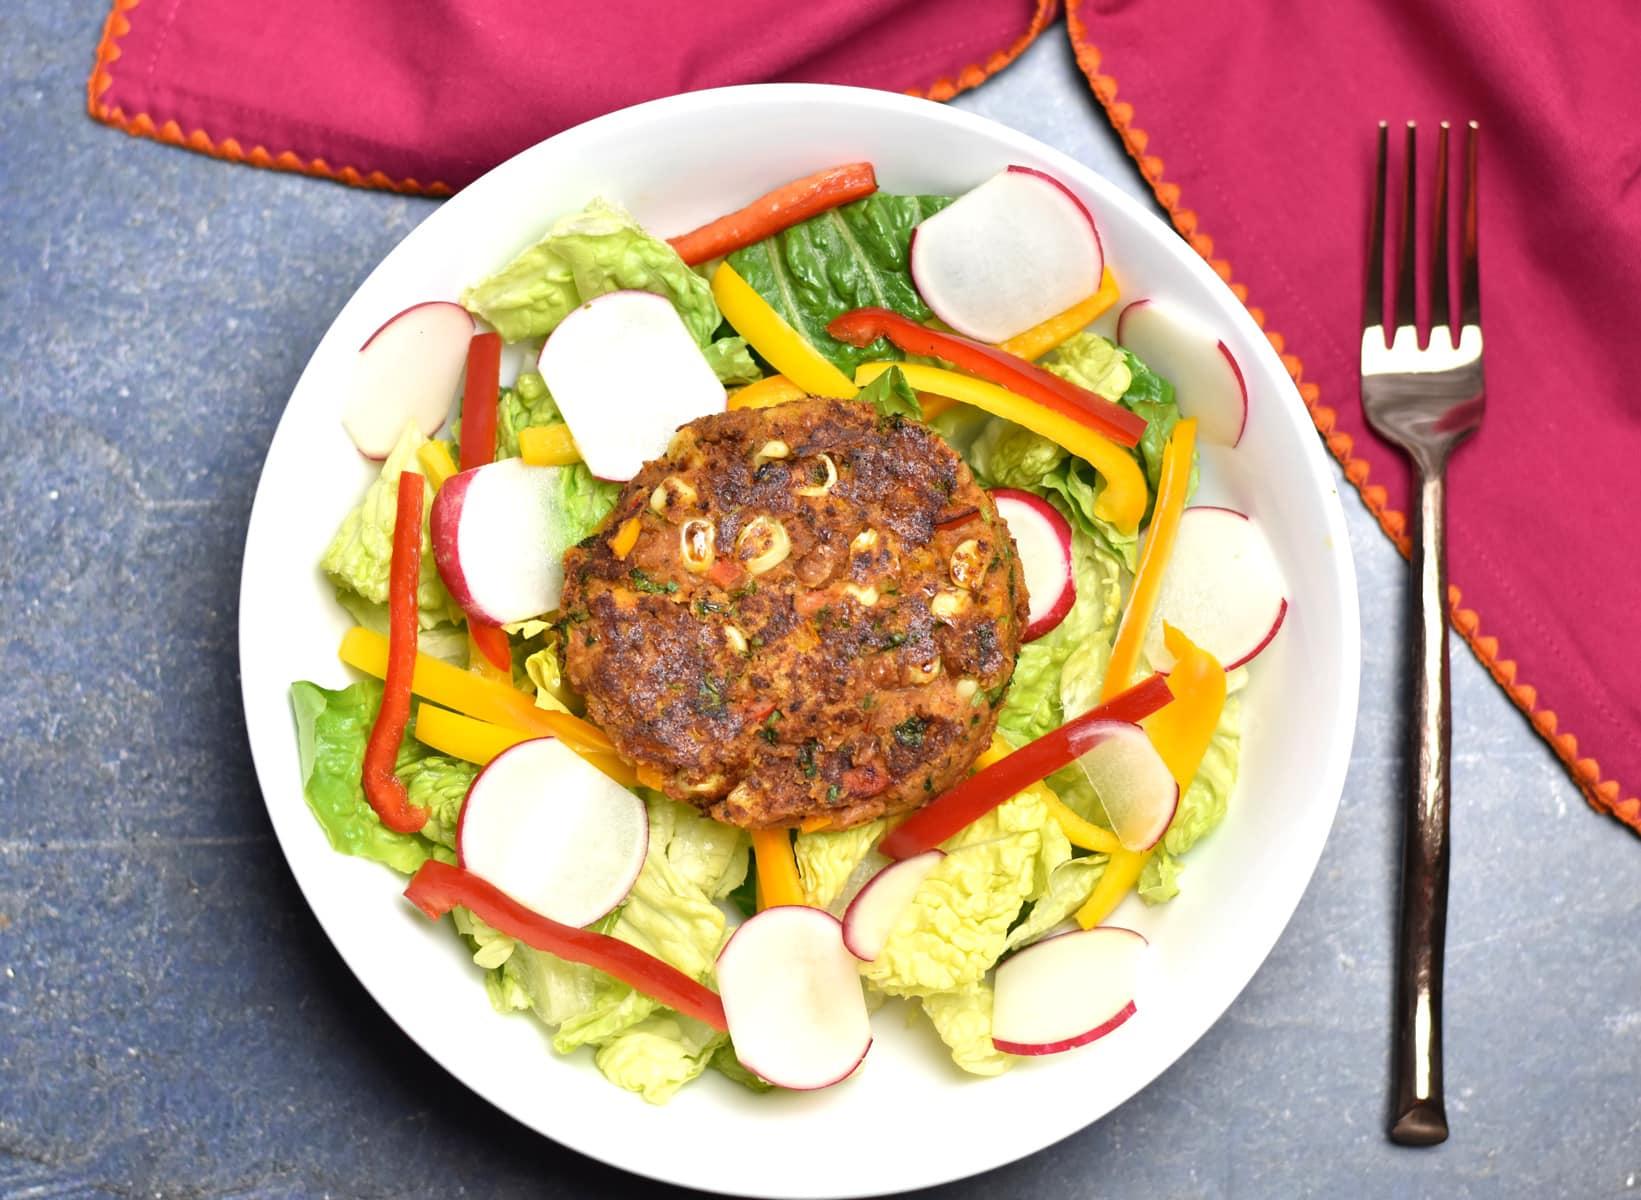 Veggie Bean Burger served over a bowl of salad